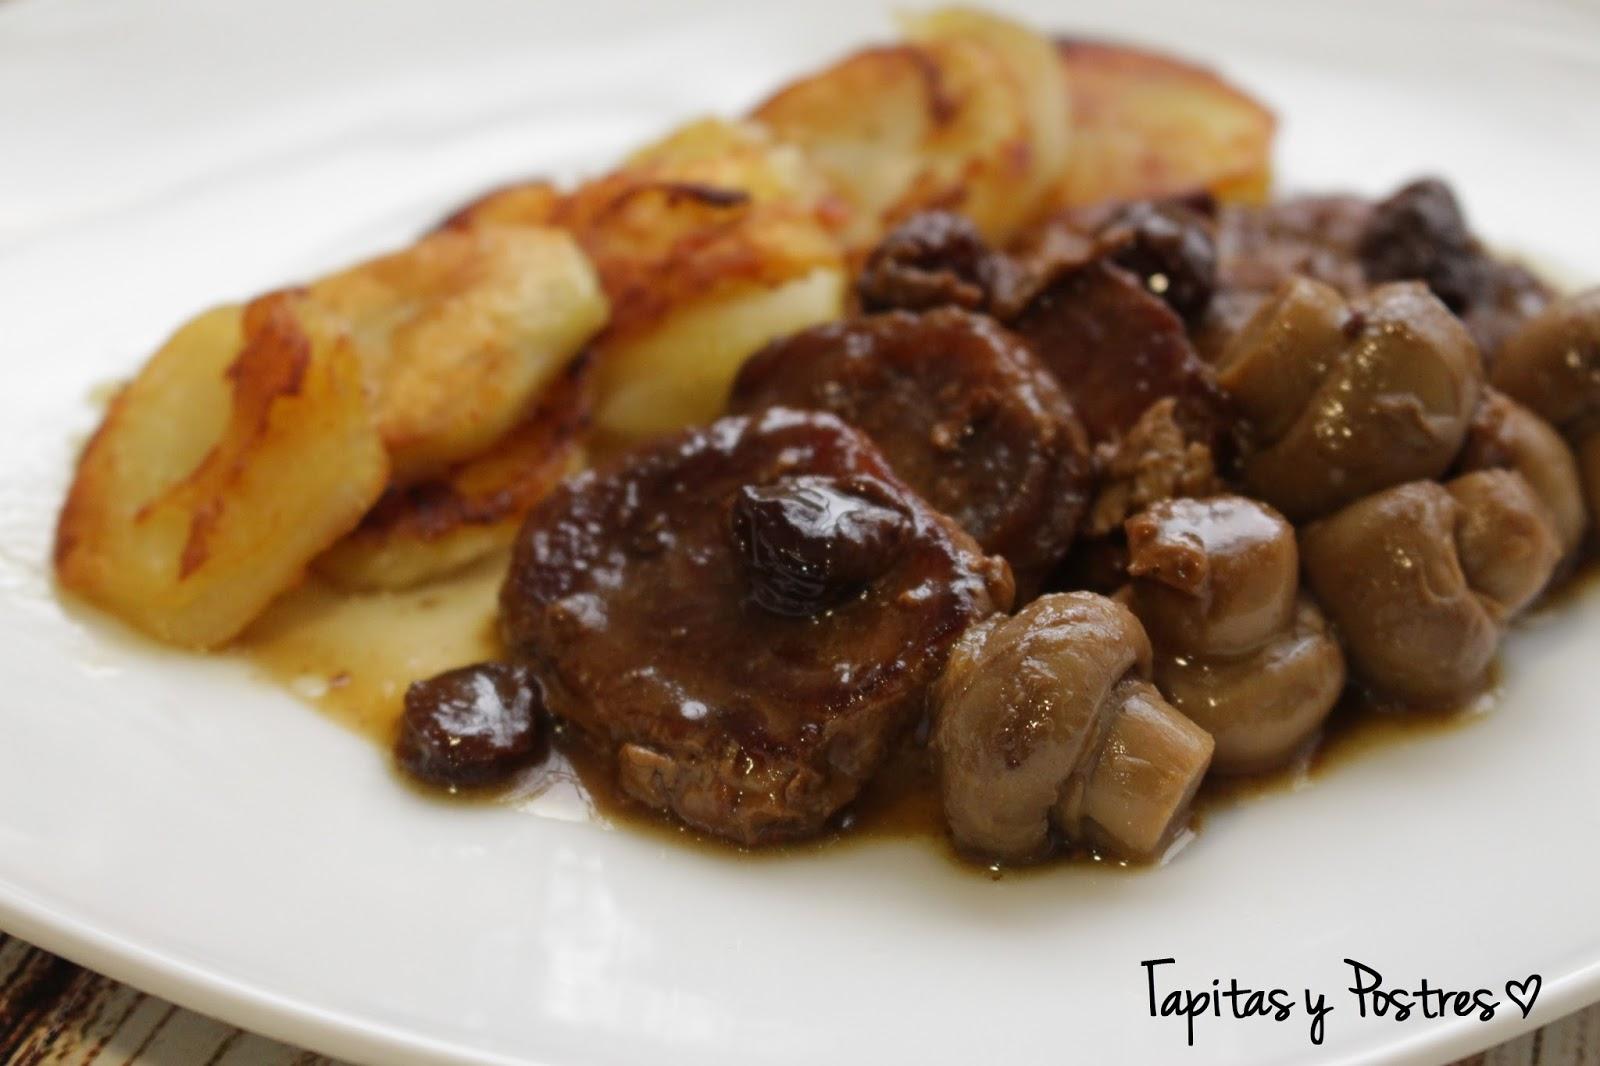 Tapitas y postres solomillo al pedro ximenez - Como preparar un solomillo de cerdo al horno ...